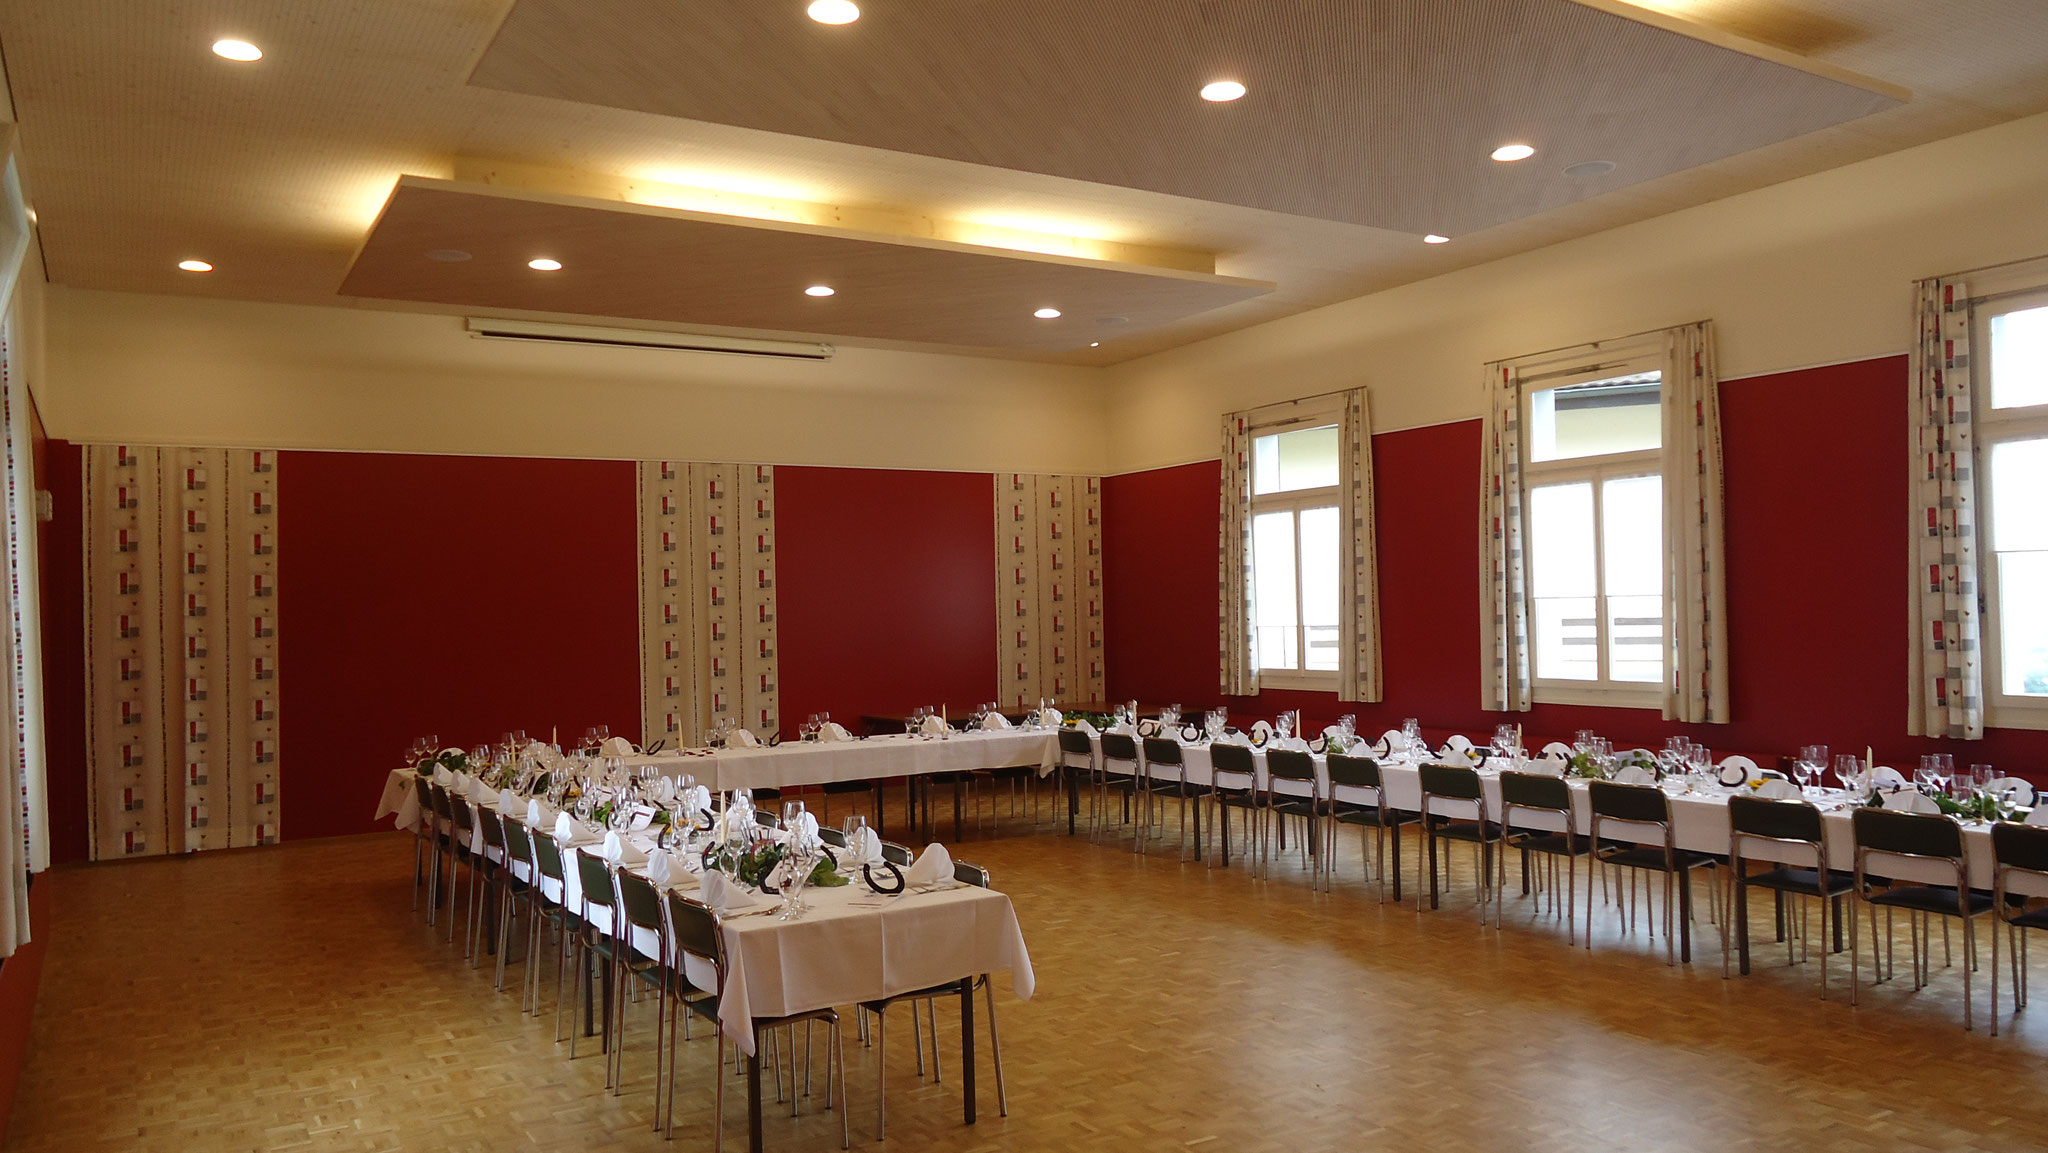 Saalsanierung Restaurant Hohe Lust